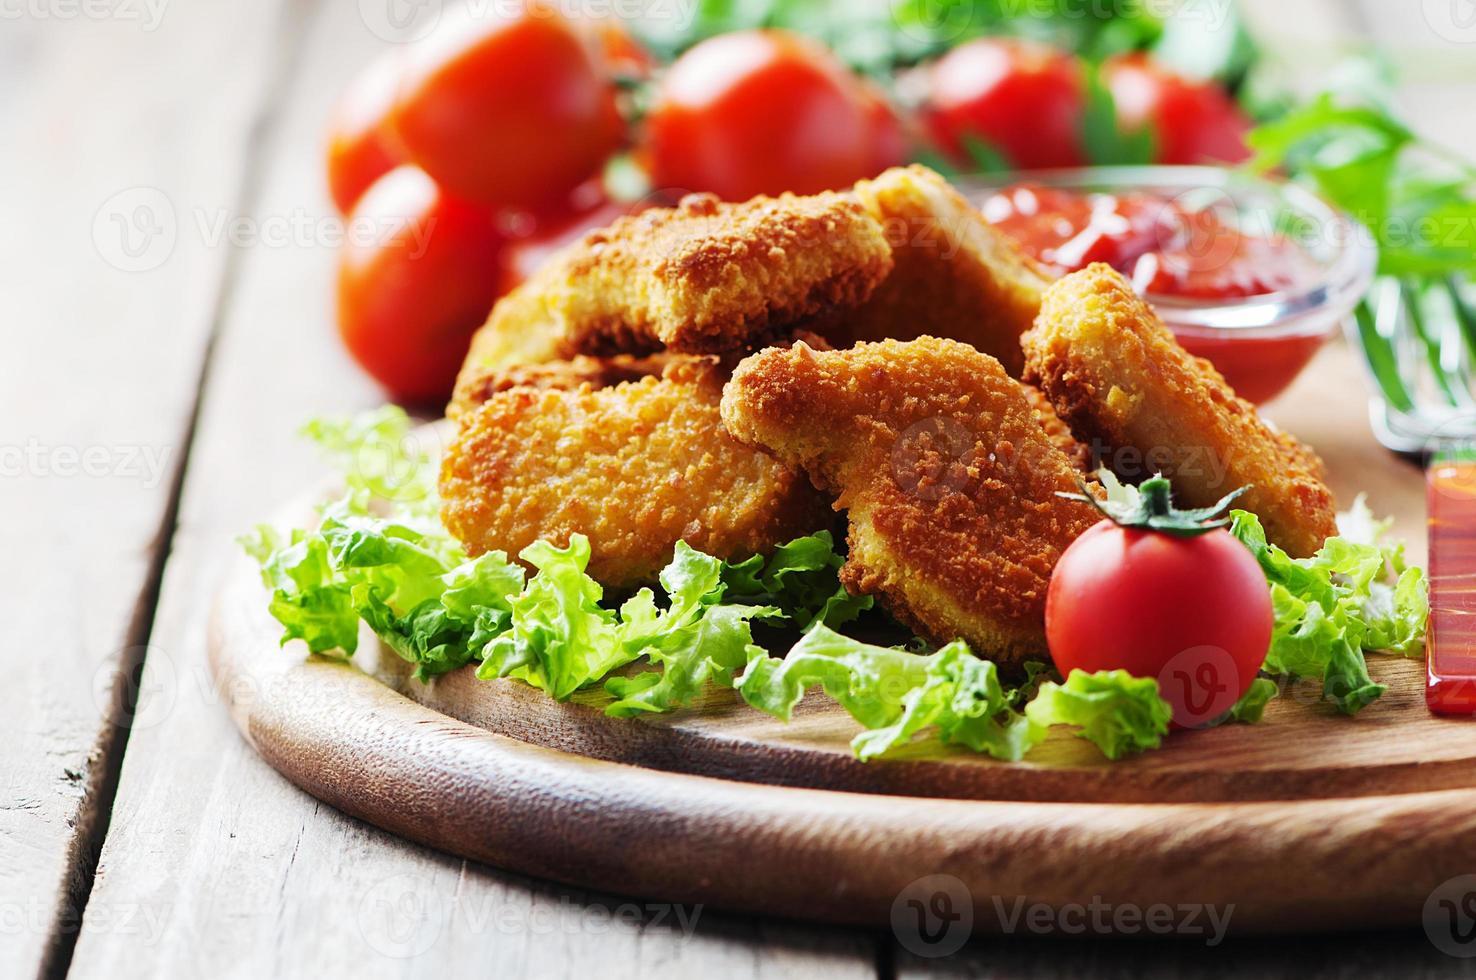 Hühnernuggets auf dem Holztisch foto